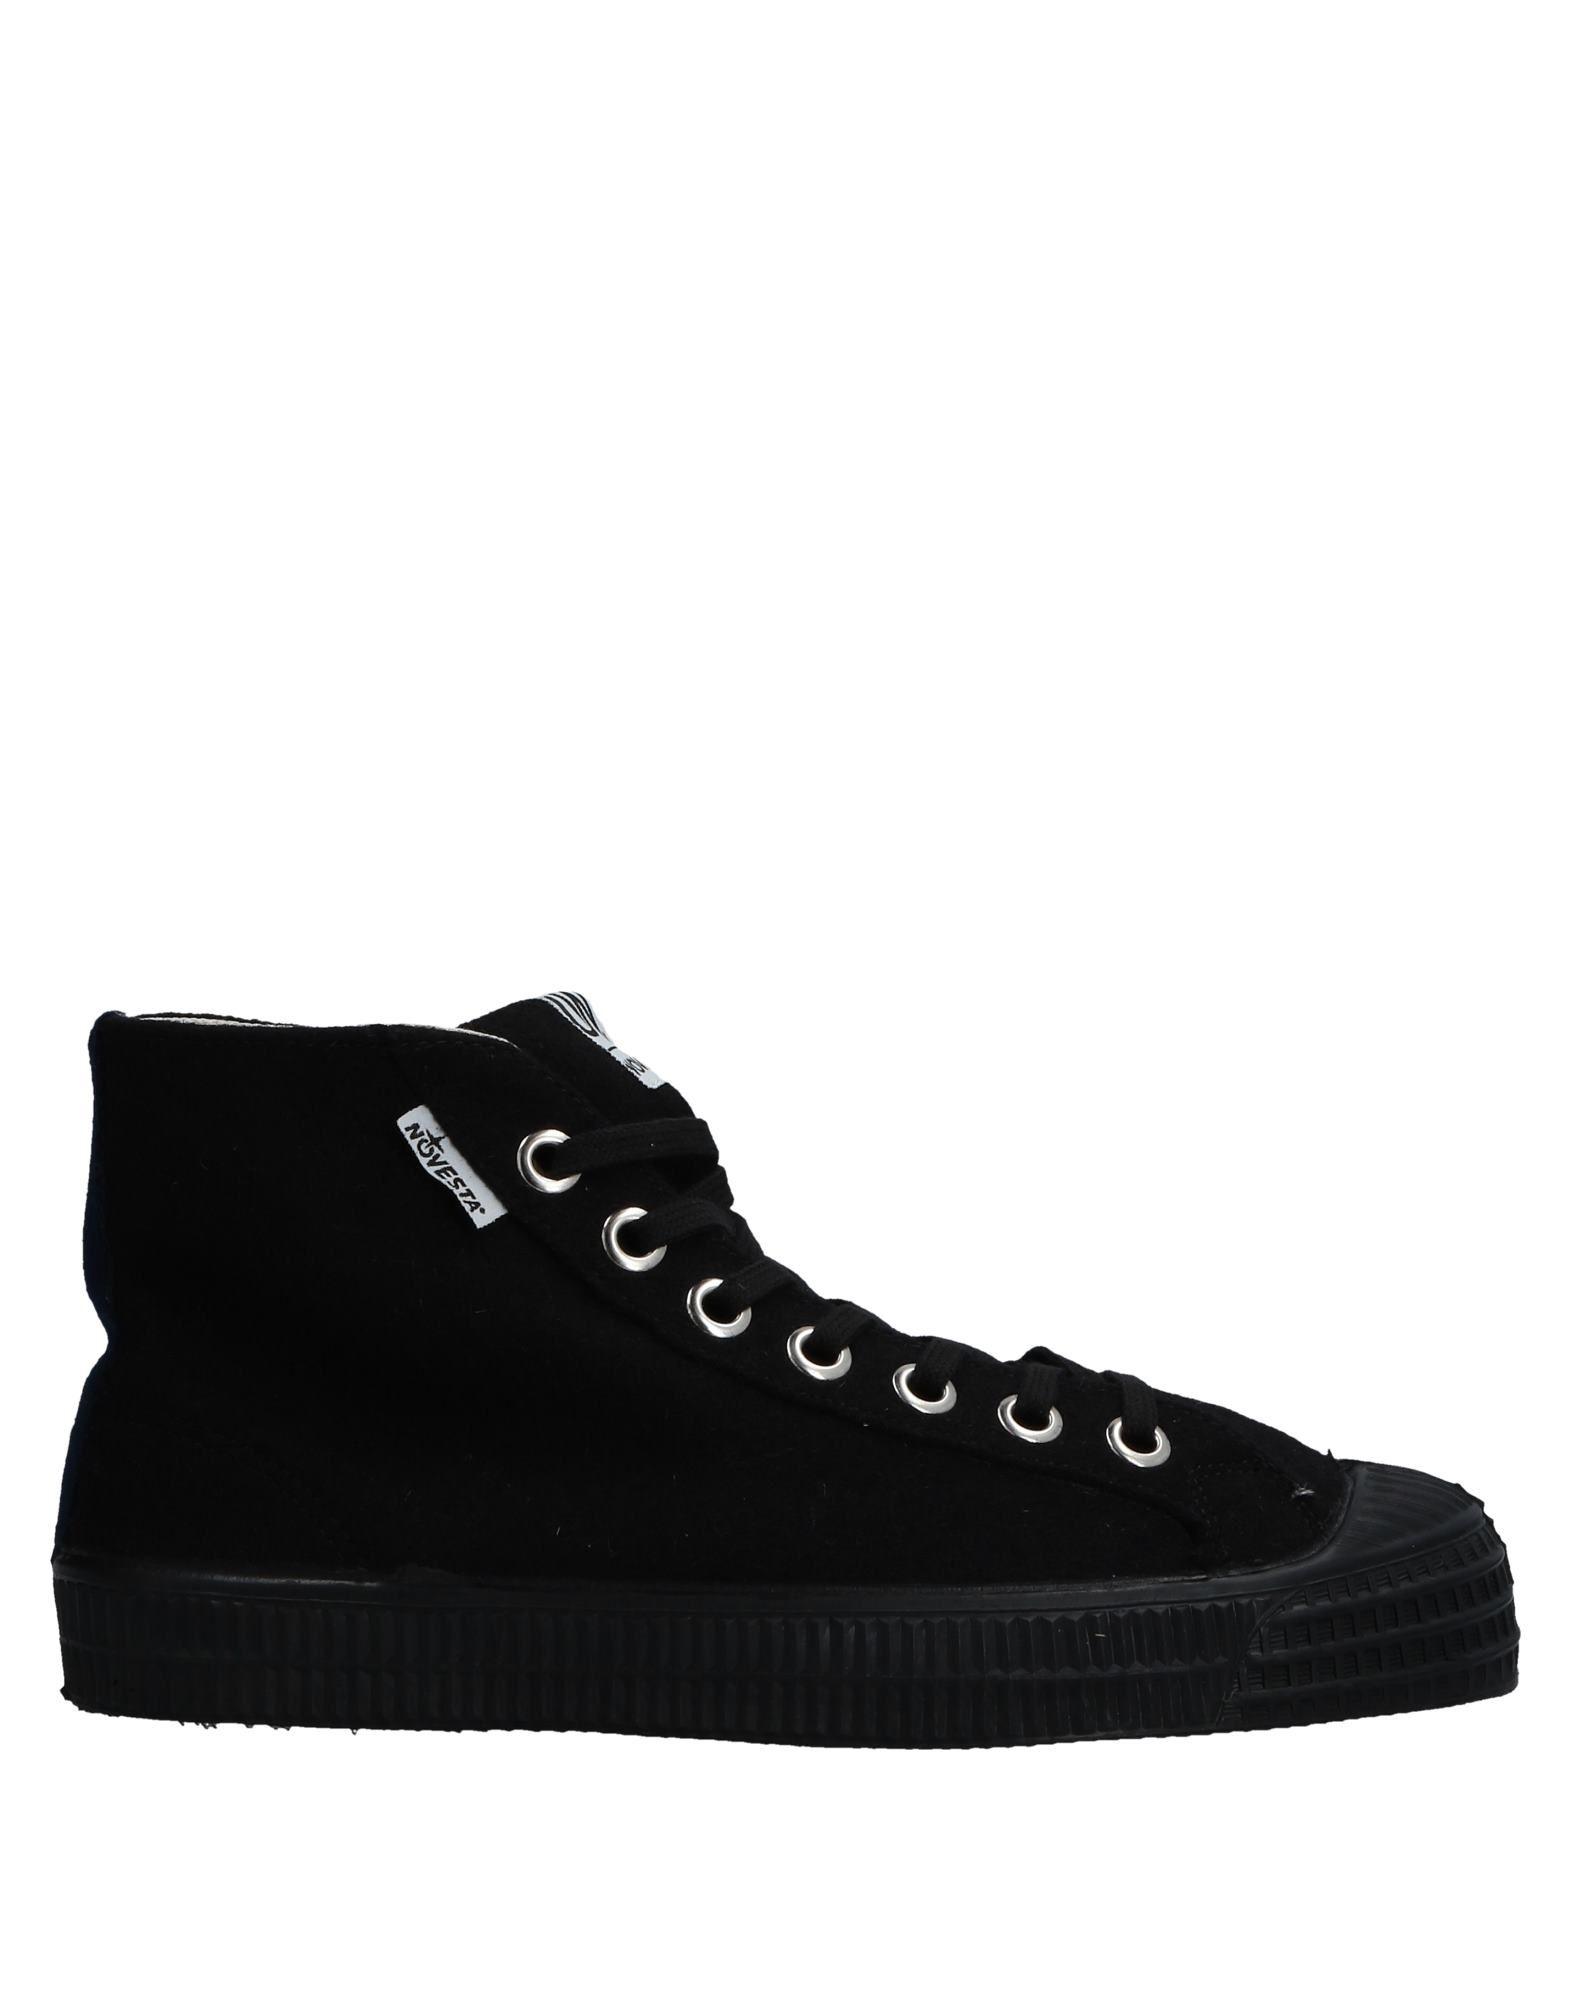 Sneakers Novesta Uomo - 11523945IA Scarpe economiche e buone